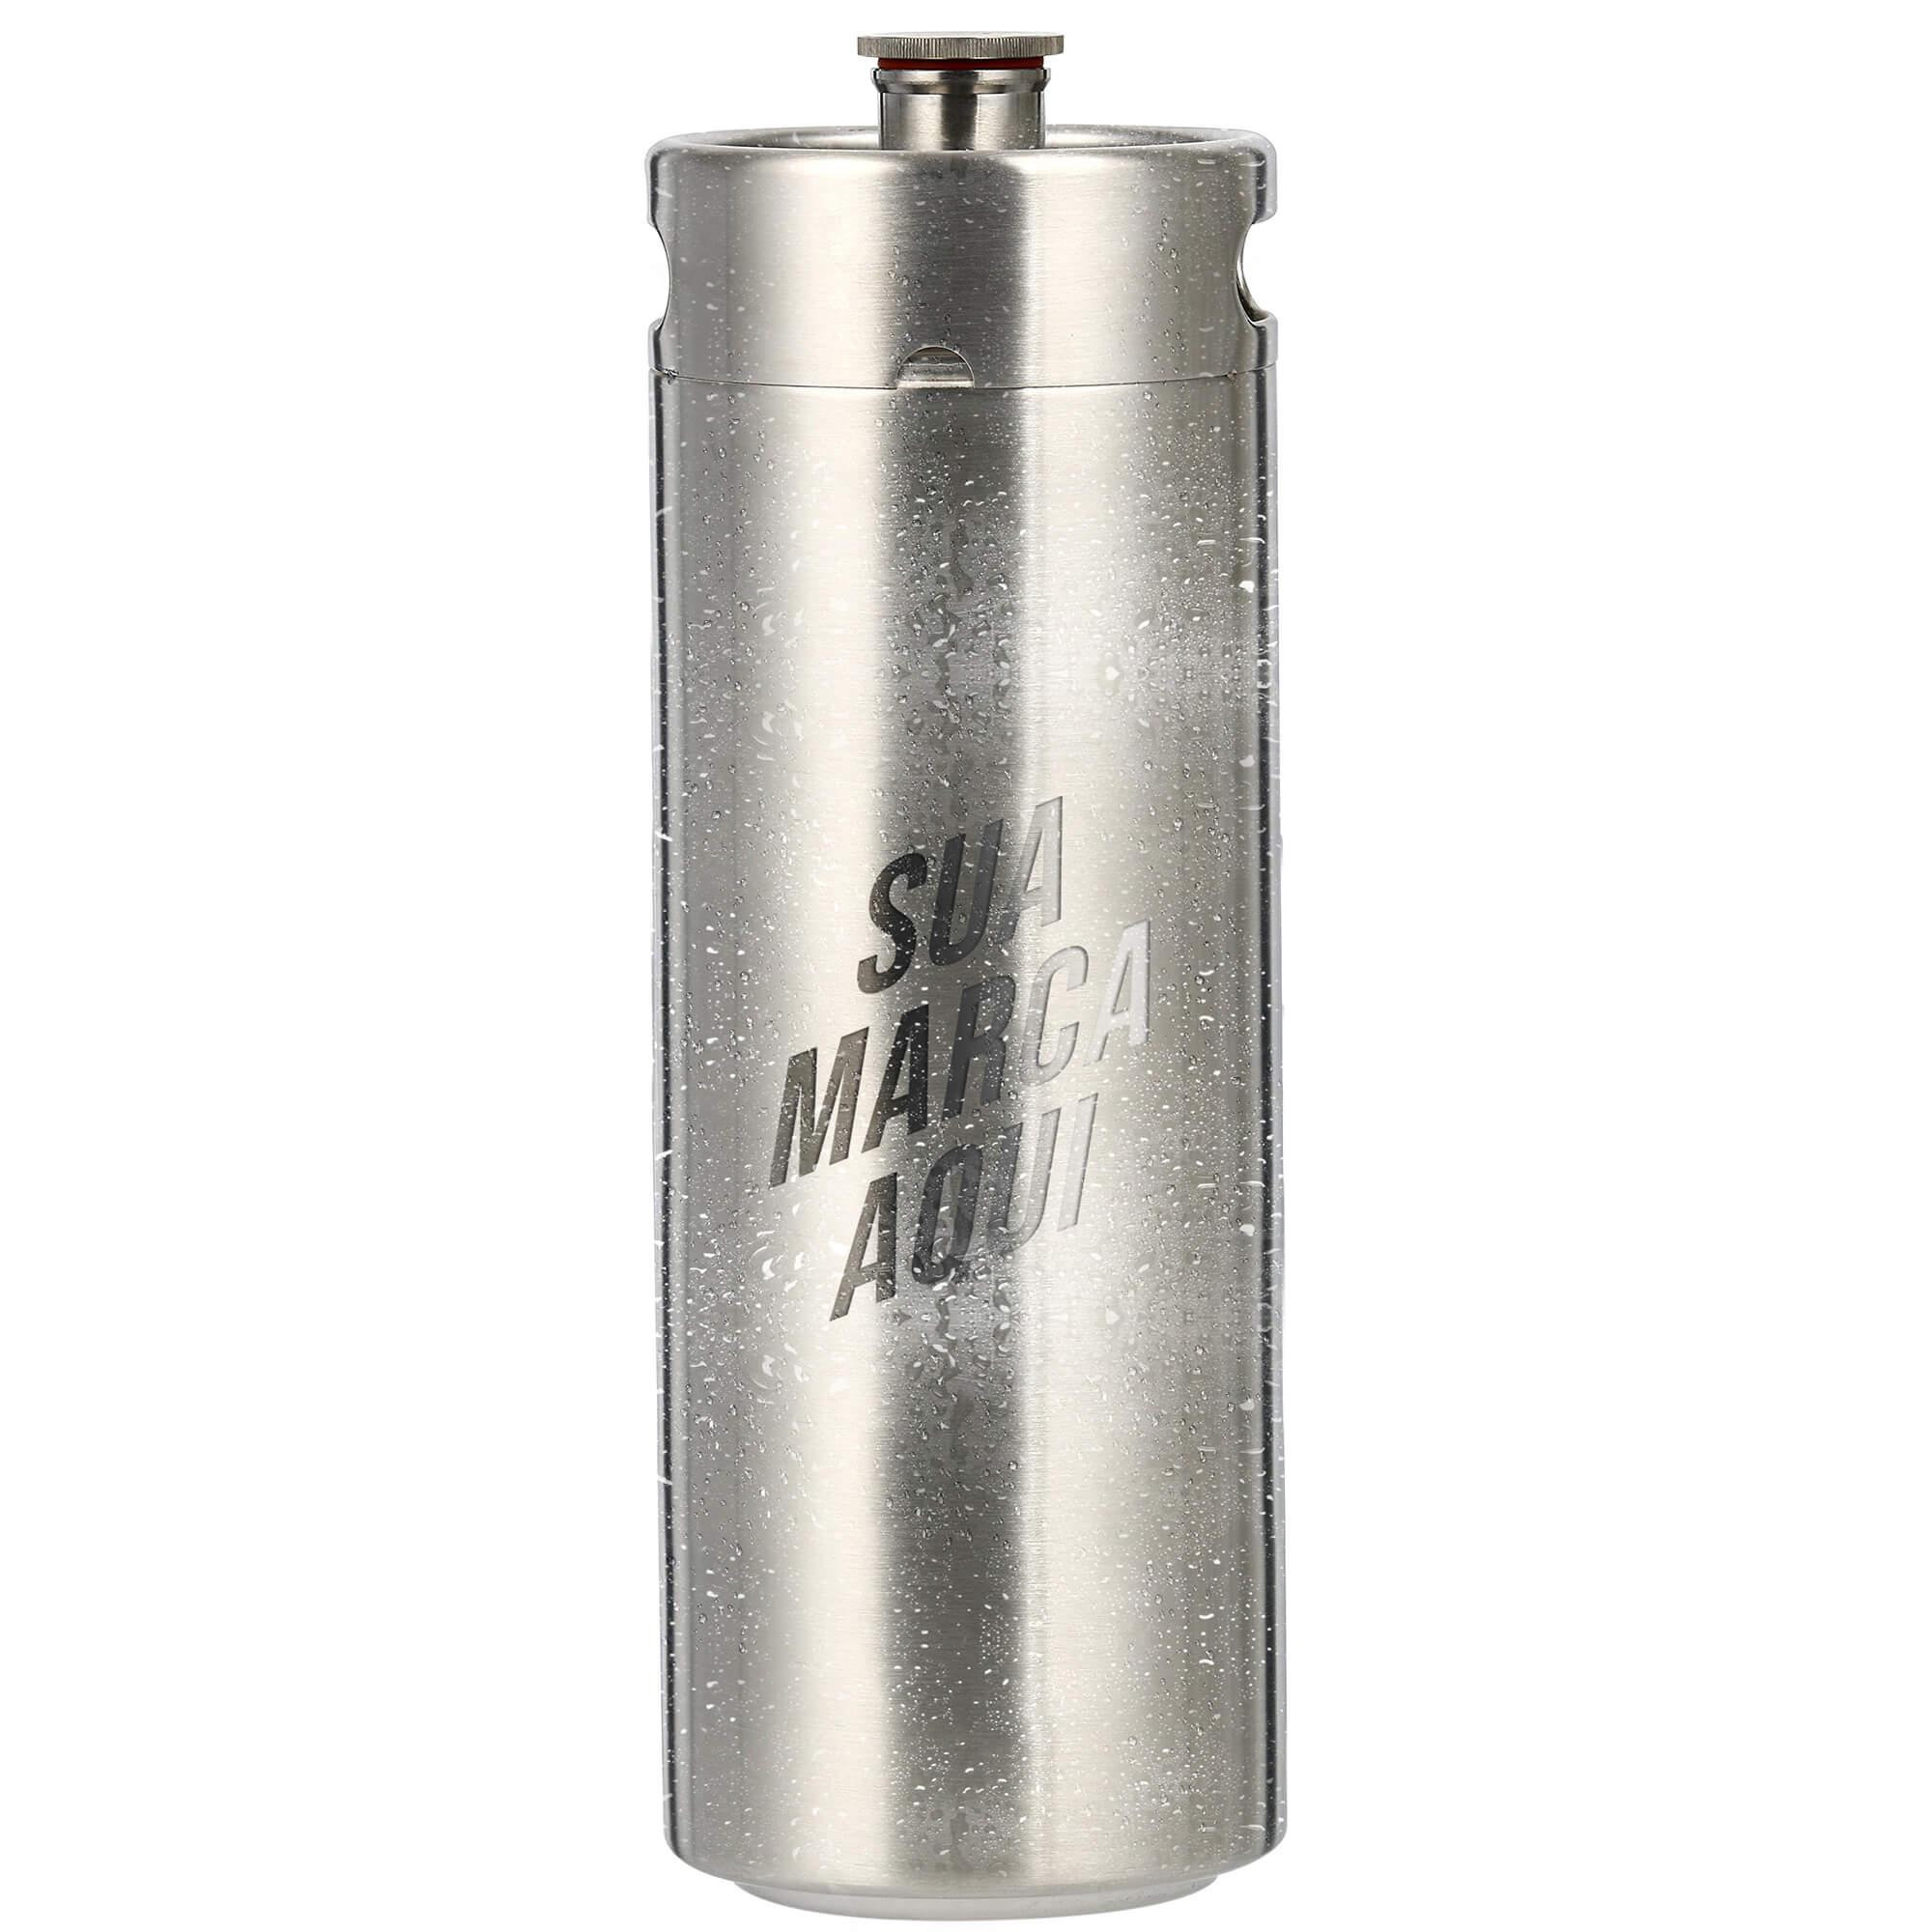 Mini Keg, Mini Barril de aço inox de 8L personalizado em laser